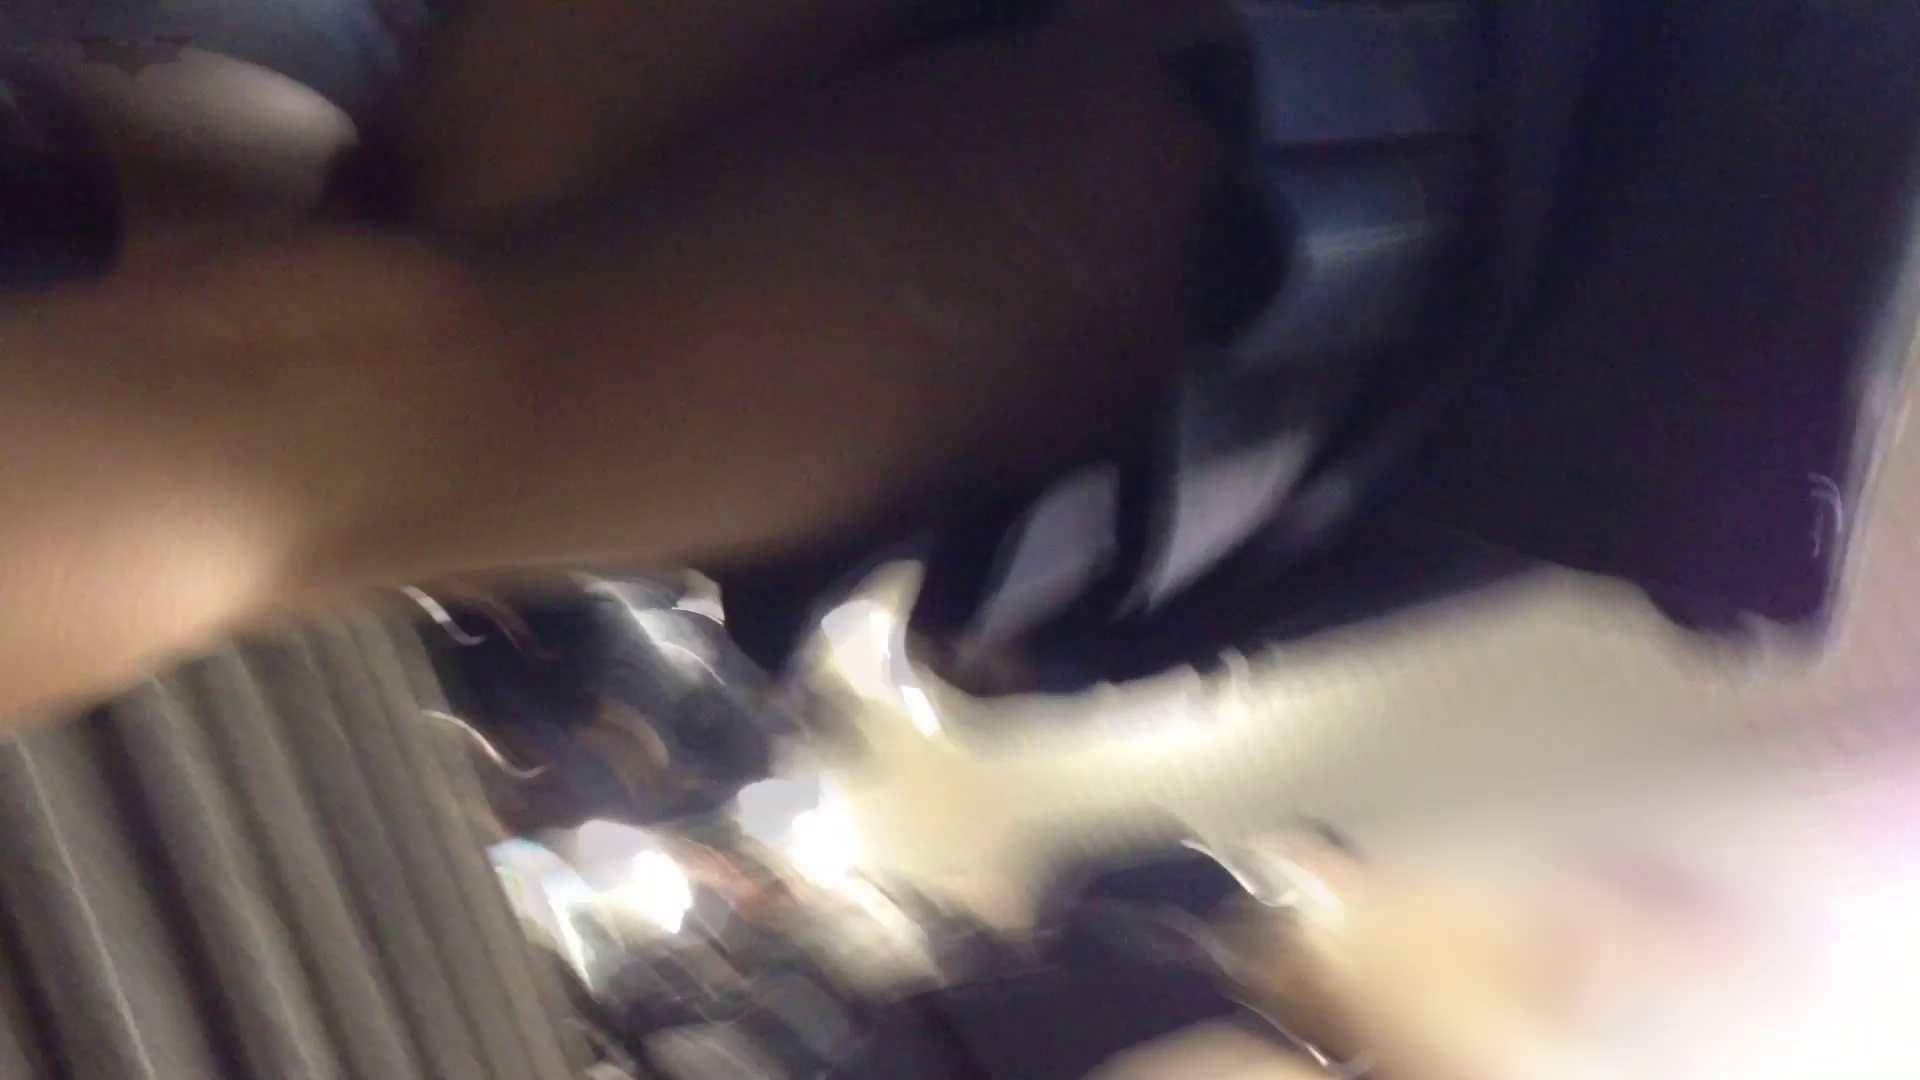 階段パンチラ Vol.05 OLの実態  76pic 56